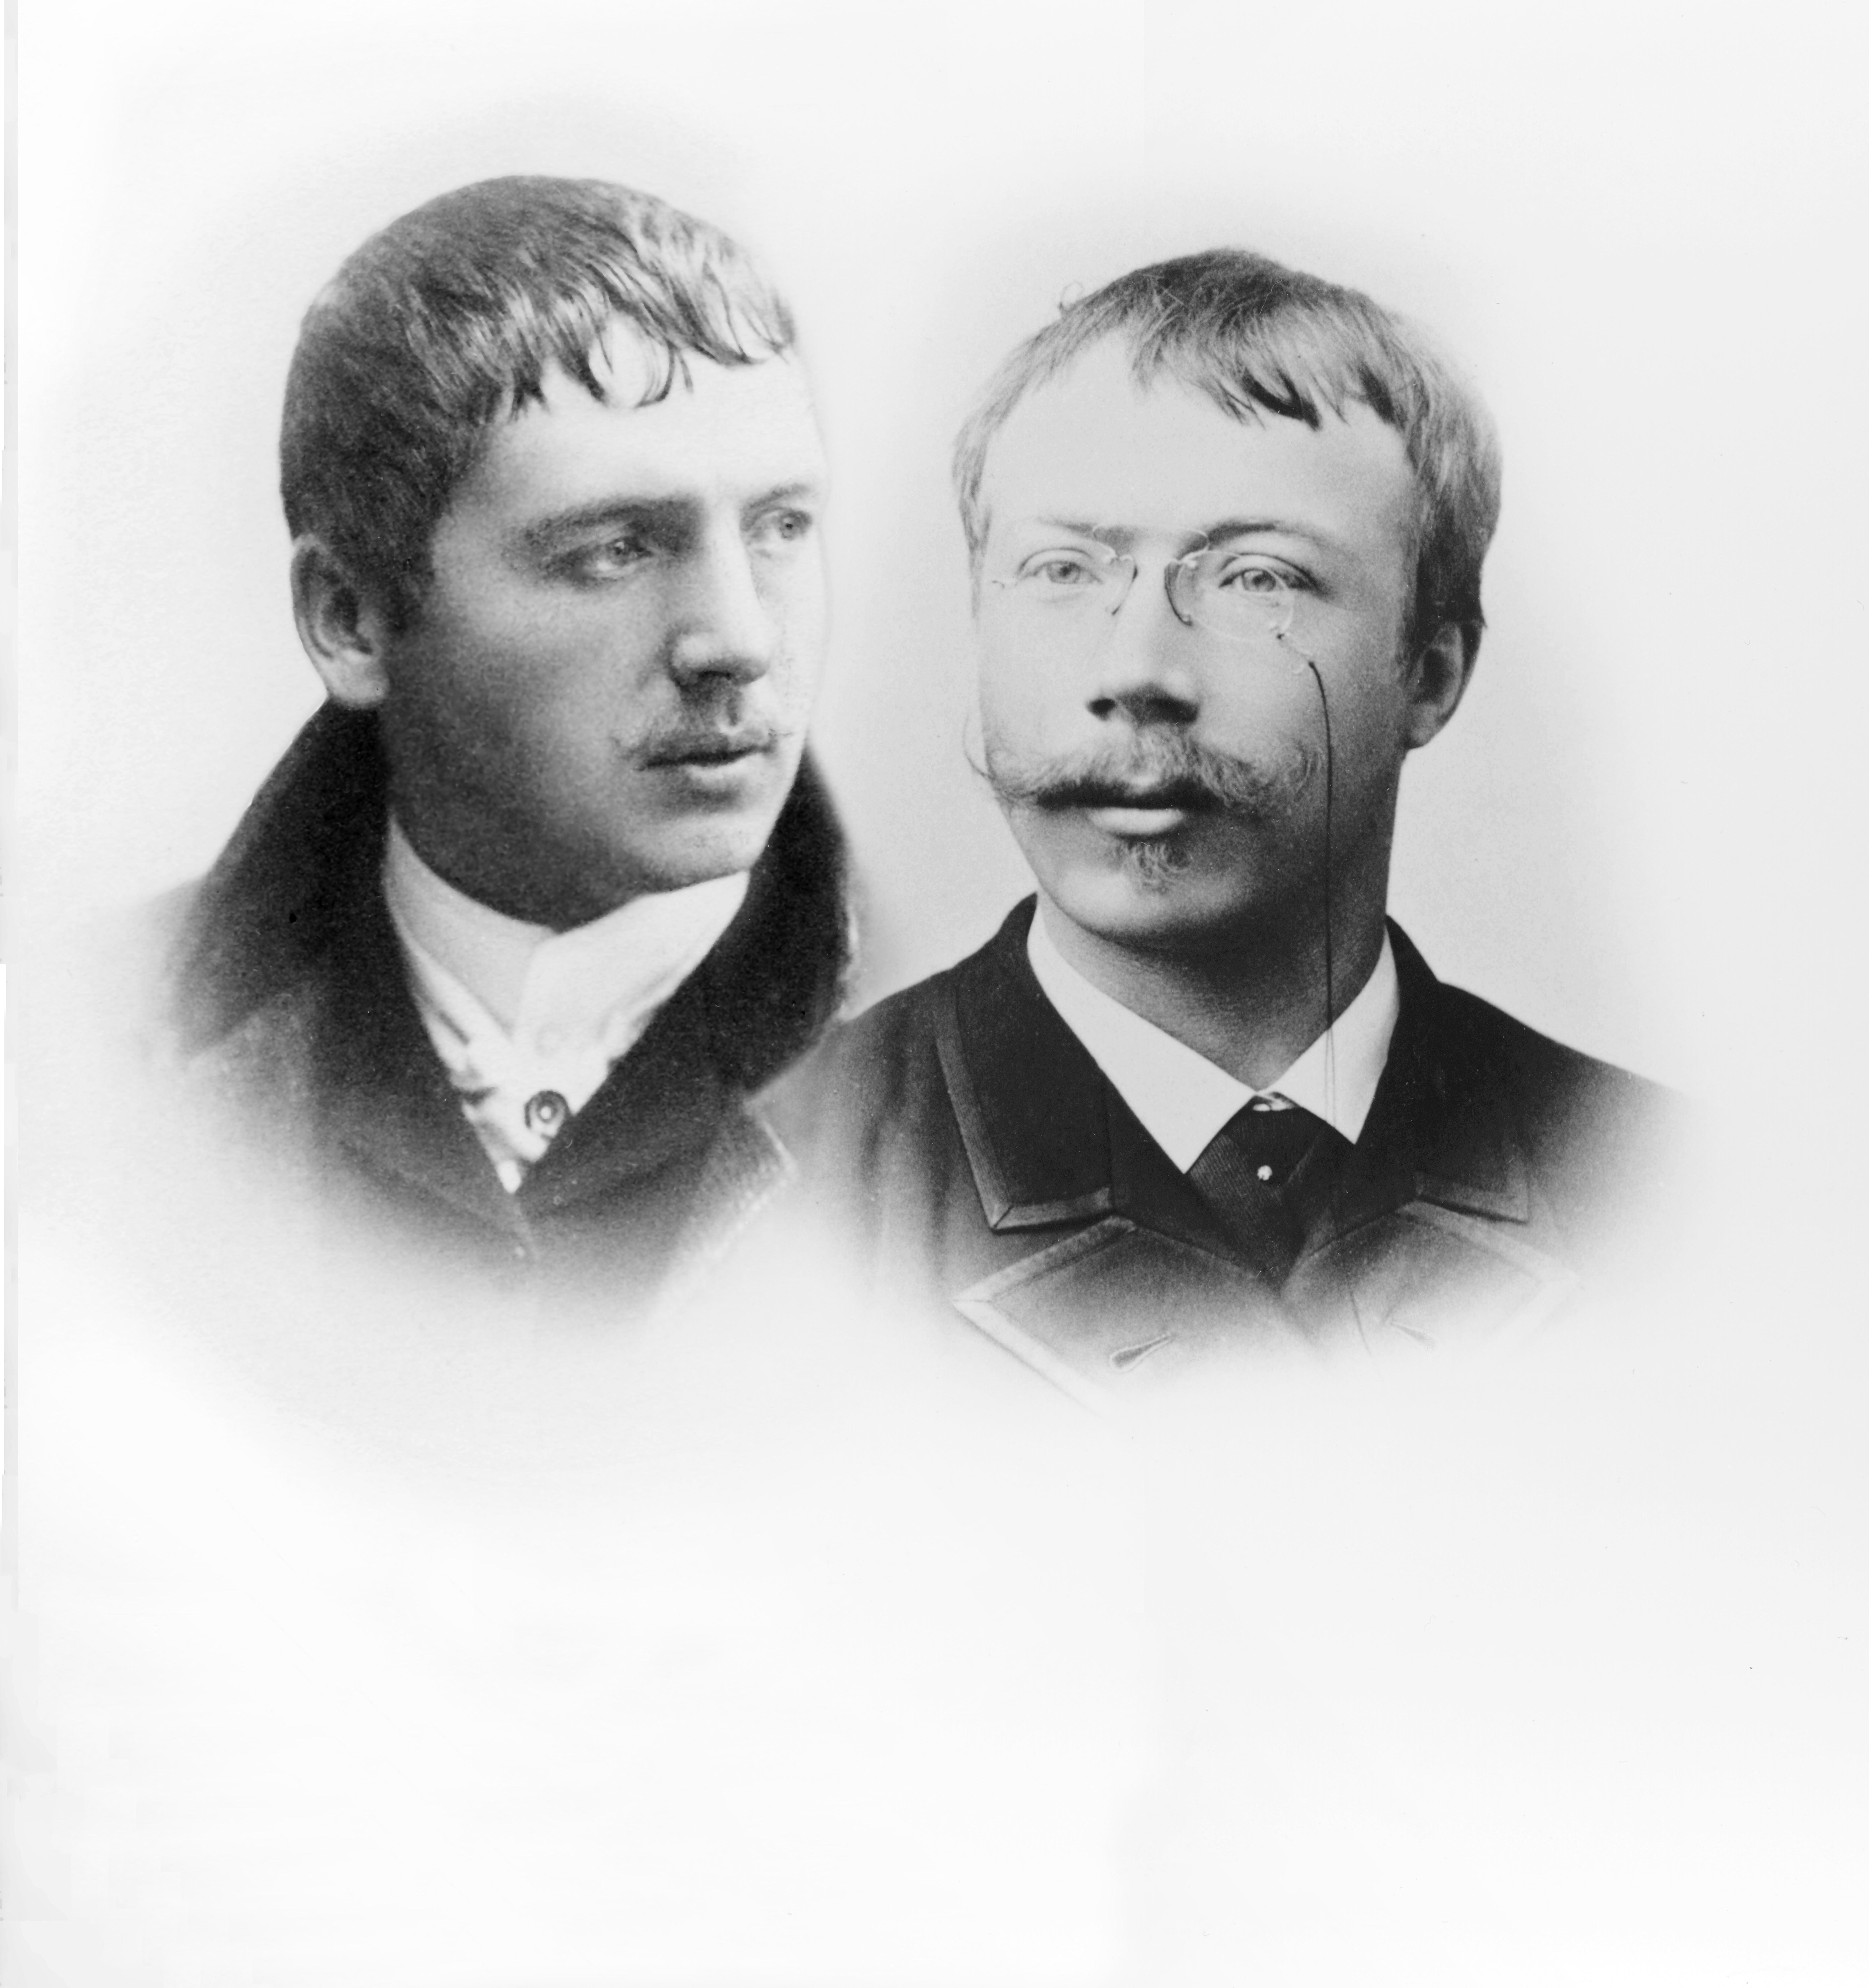 Symposium Anders Zorn och Carl Larsson - konstnärskamrater